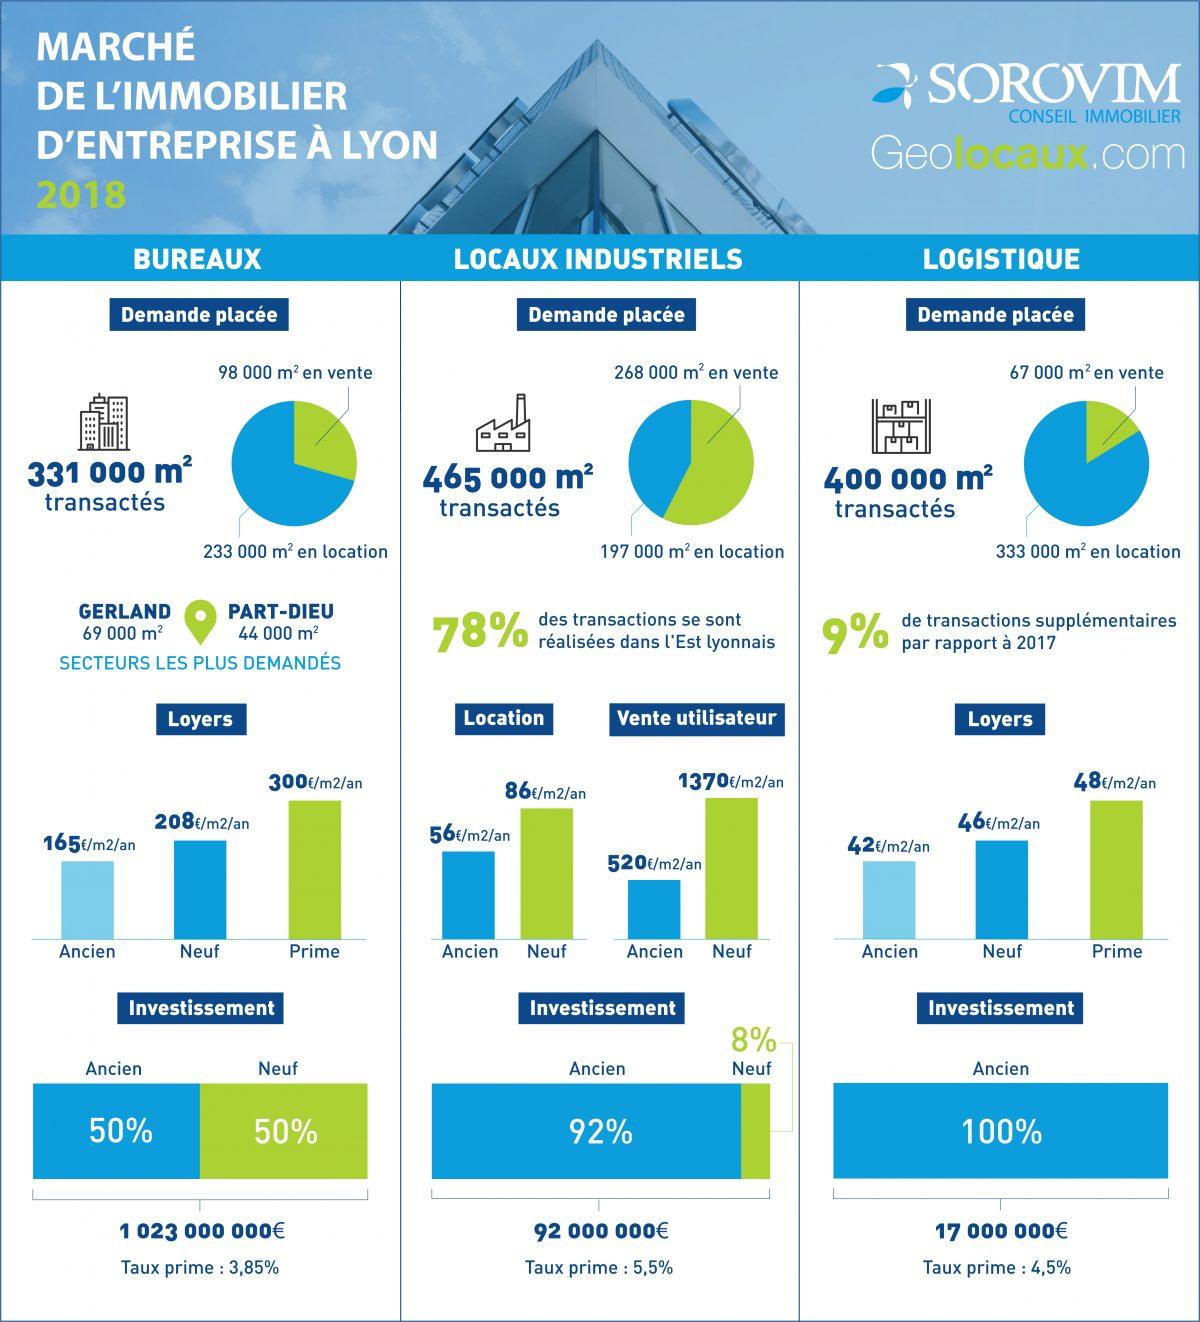 Immobilier d'entreprise à Lyon